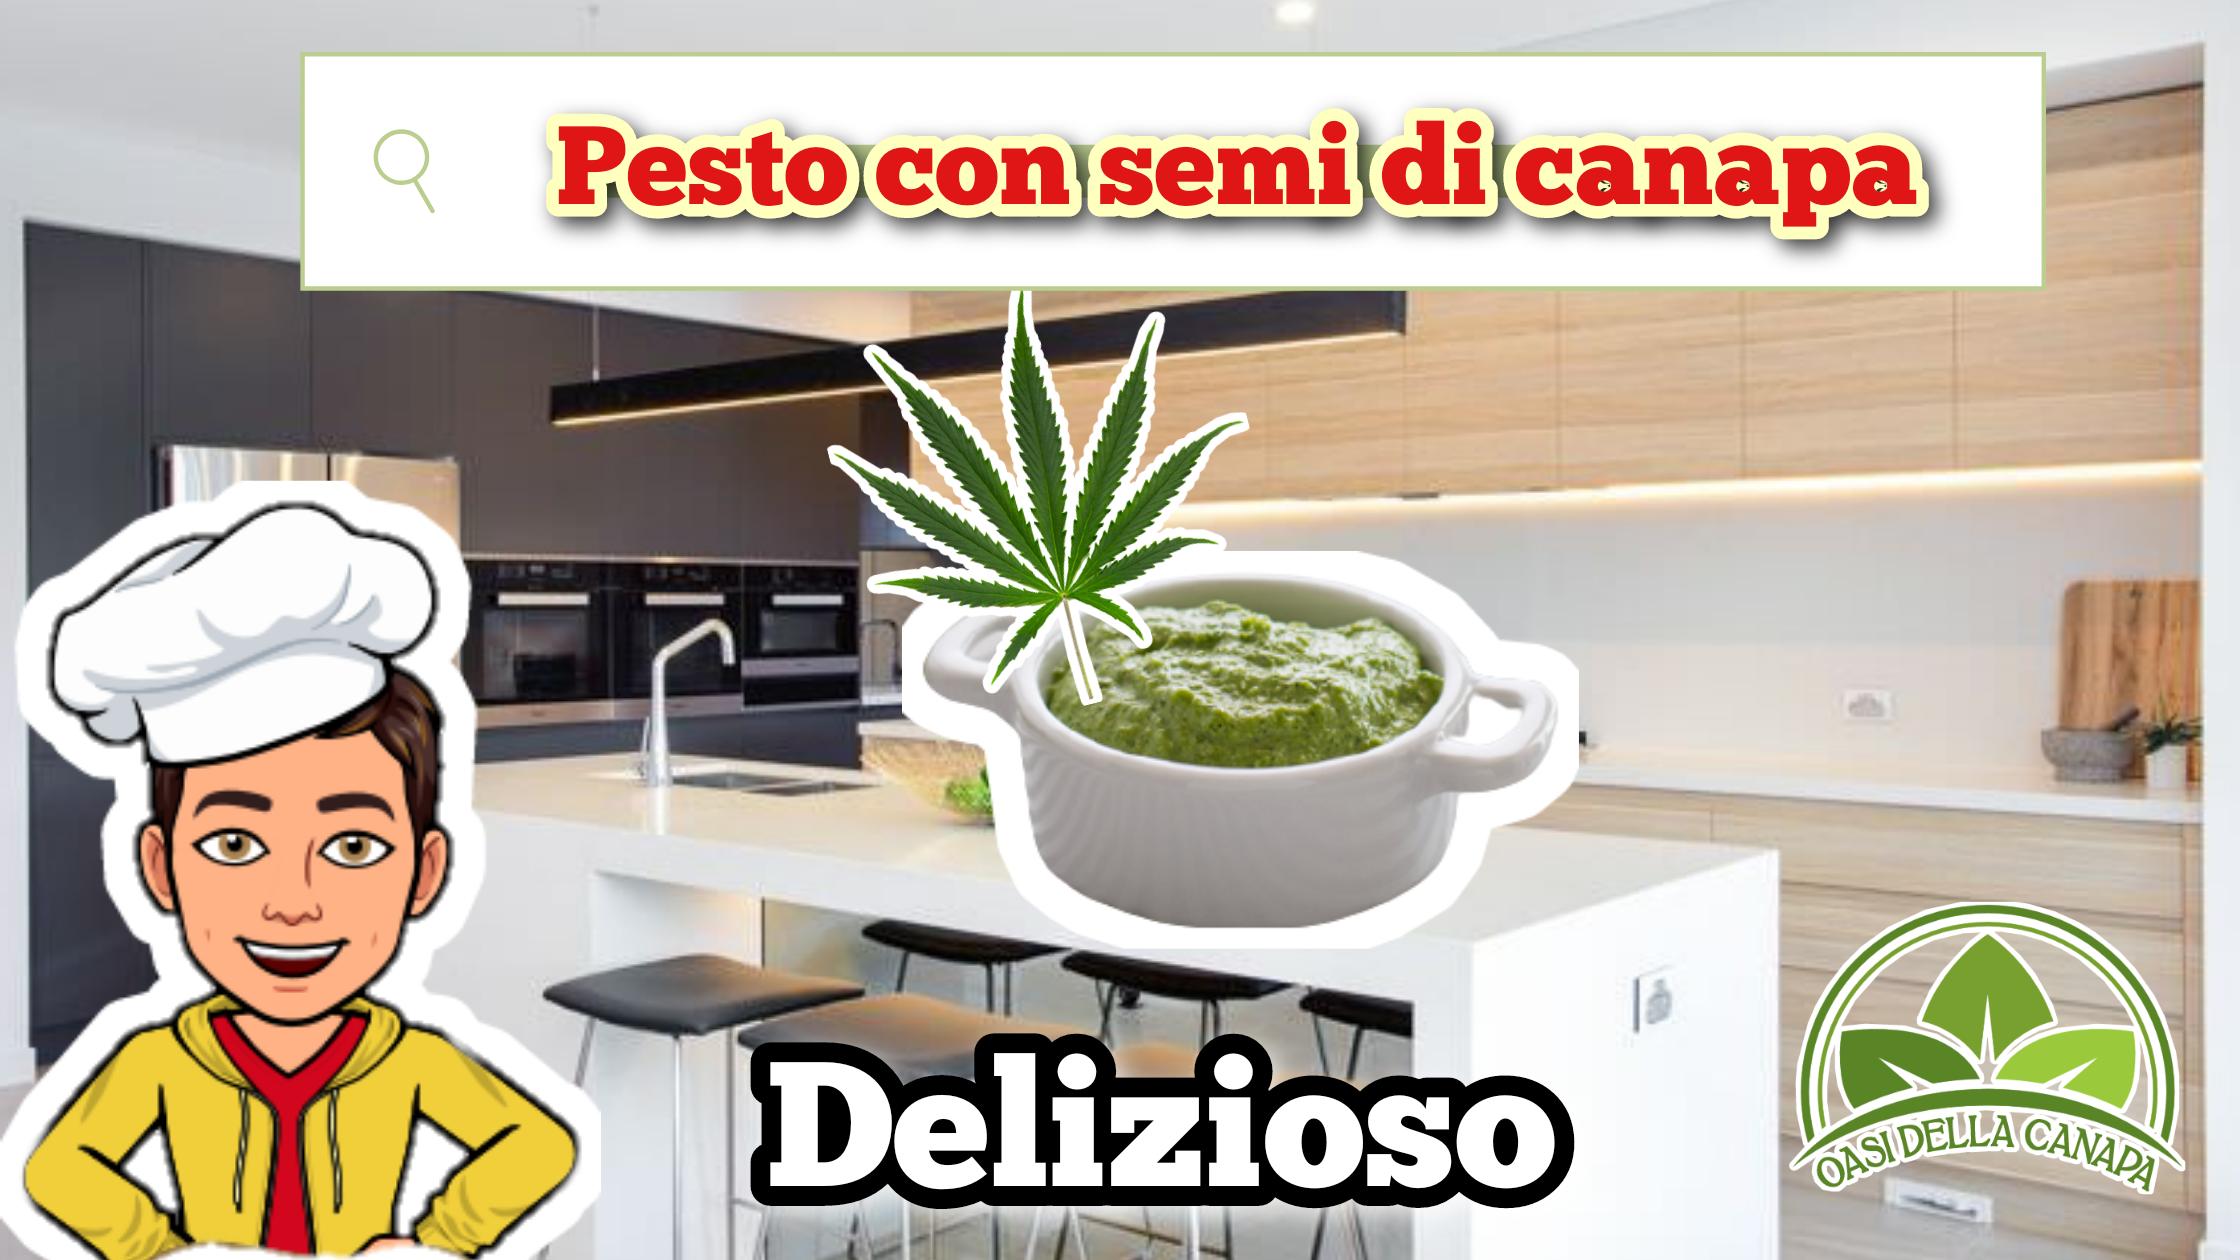 Ricetta Facile e Veloce per Pesto con Semi di Canapa